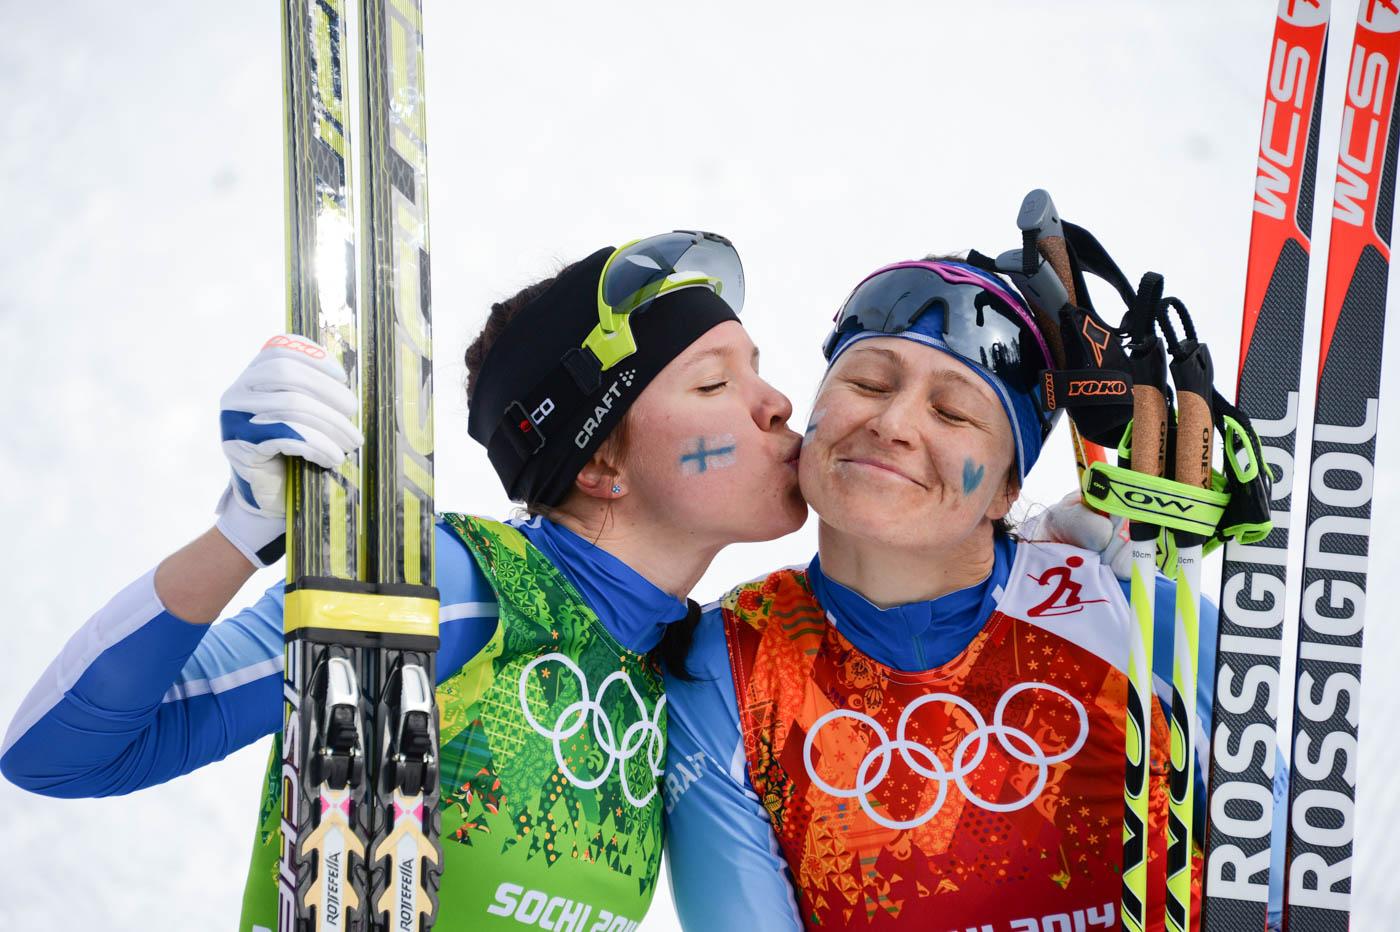 Las medallitas de plata de Finlandia, Kerttu Niskanen y Aino-Kaisa saarinen se besan luego de ganar segundo lugar en esquí de fondo en Sochi 2014